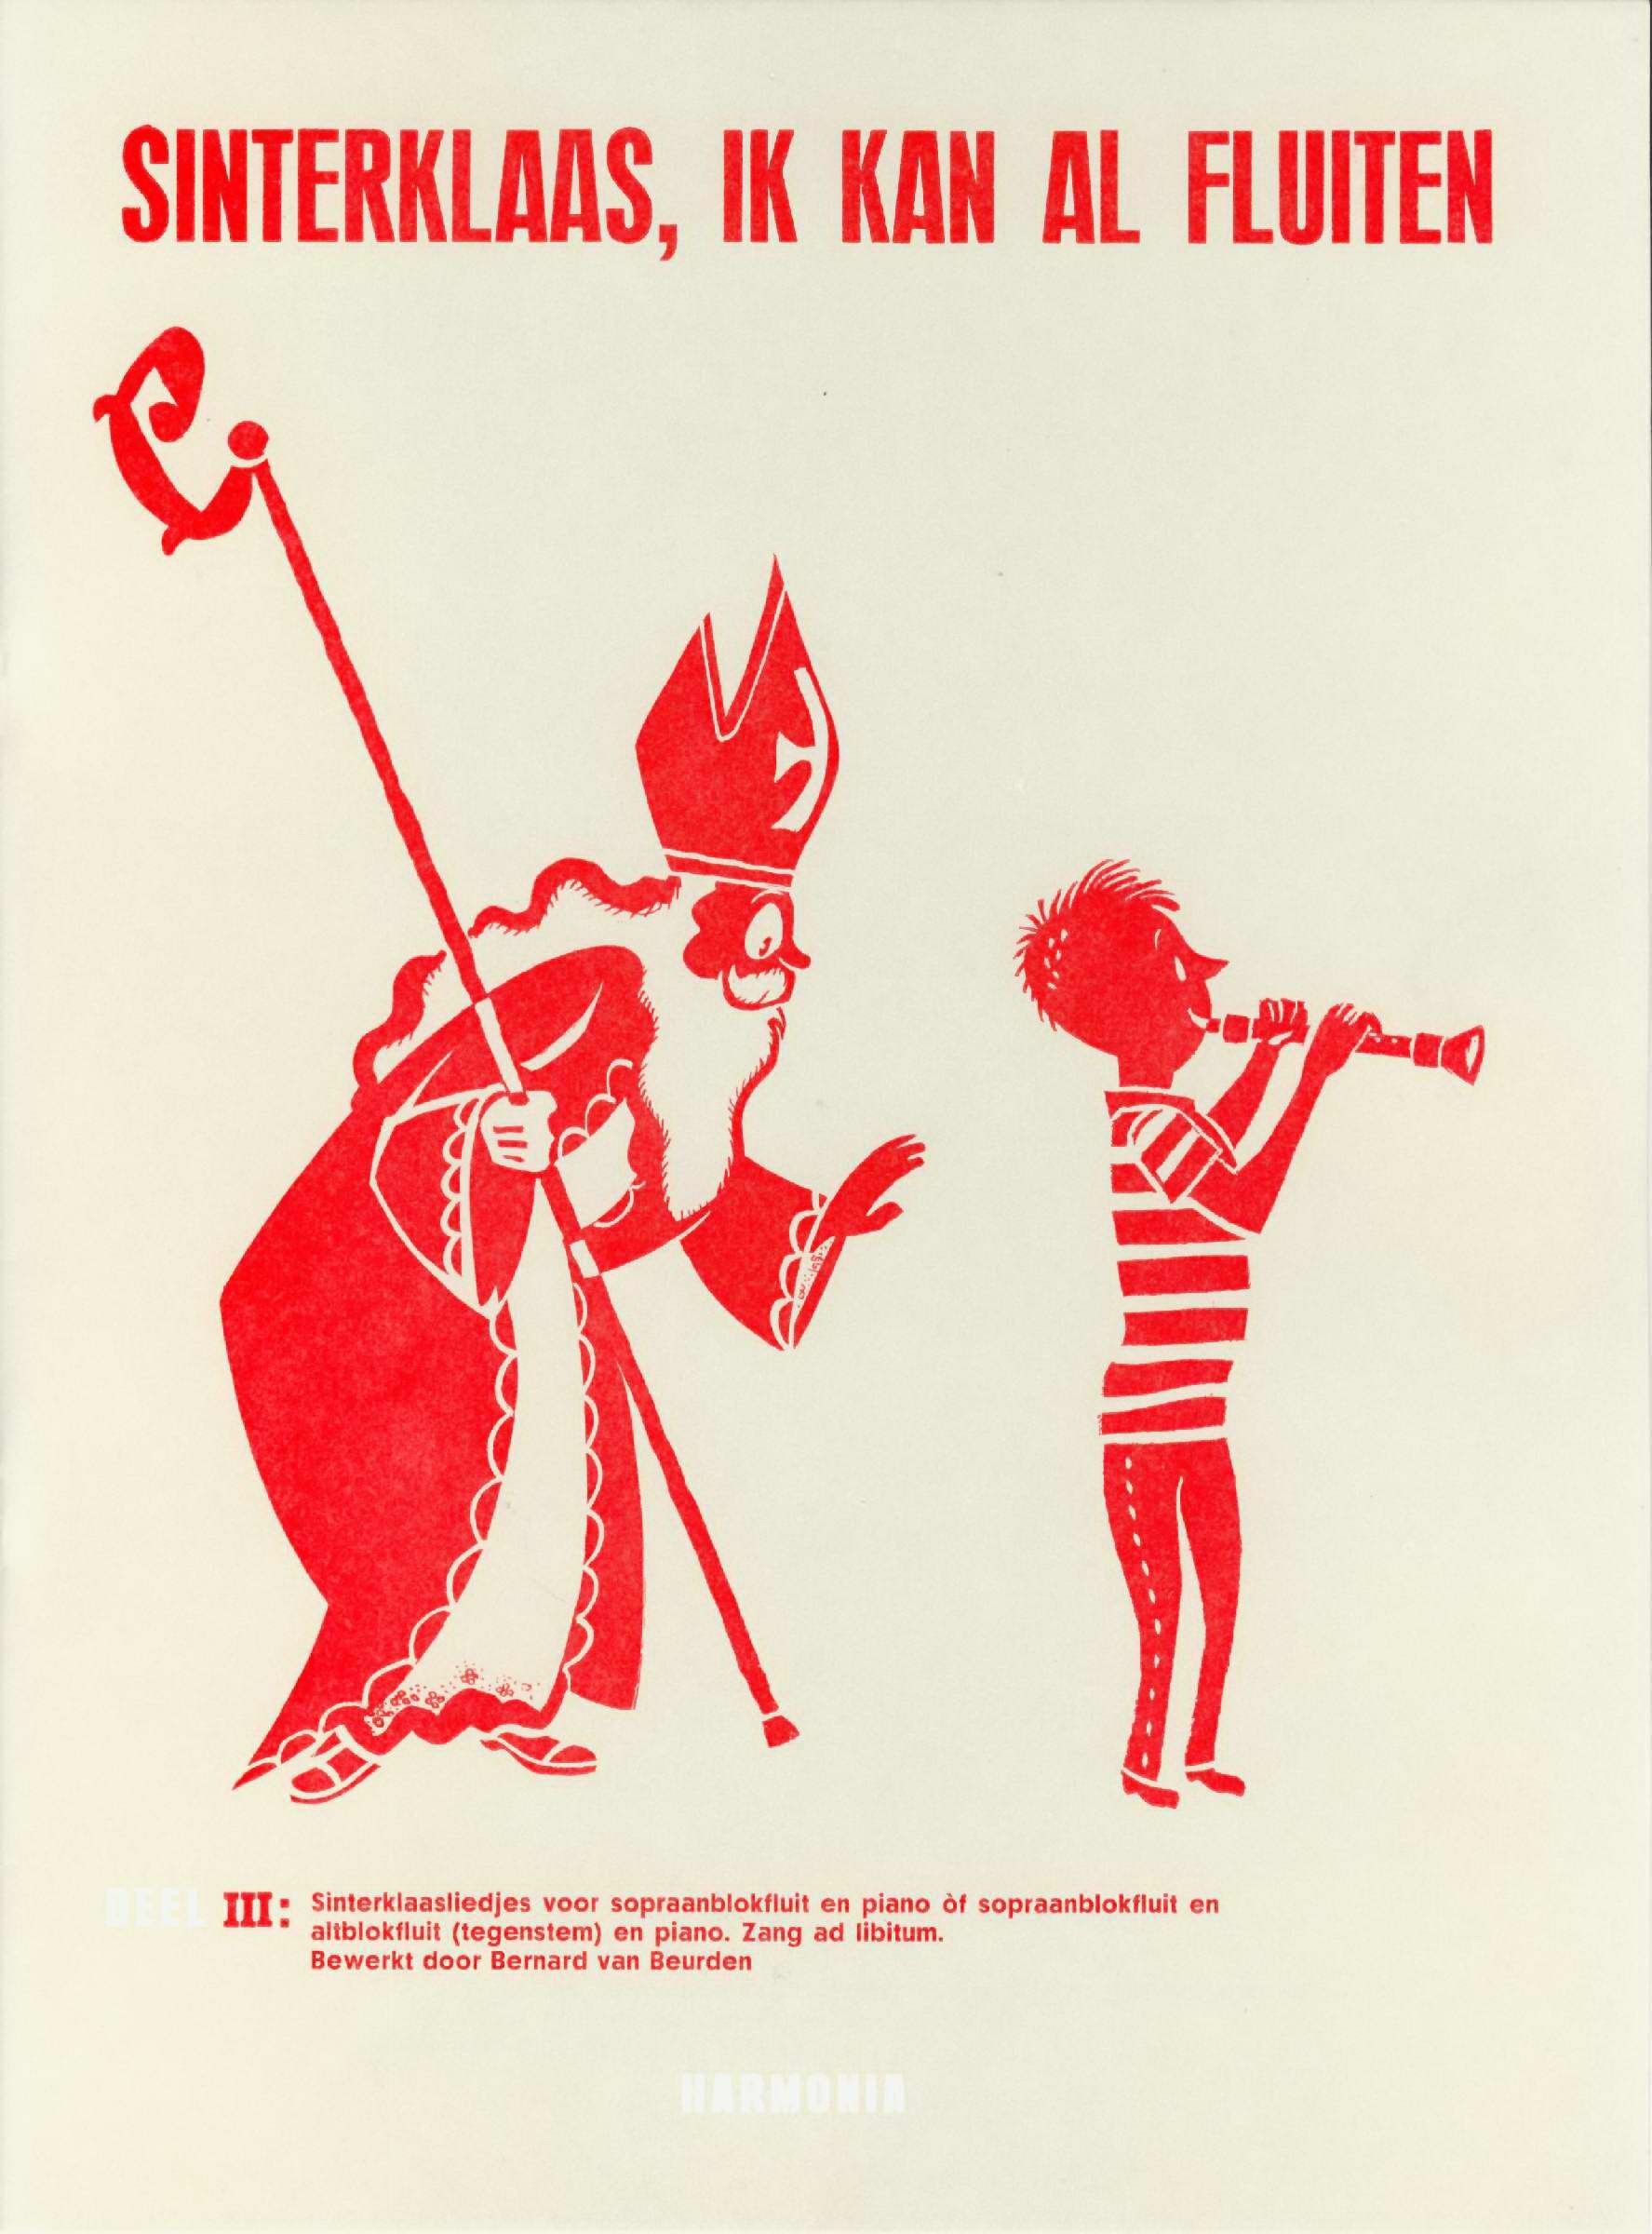 bladmuziek : Sinterklaas, ik kan al fluiten.